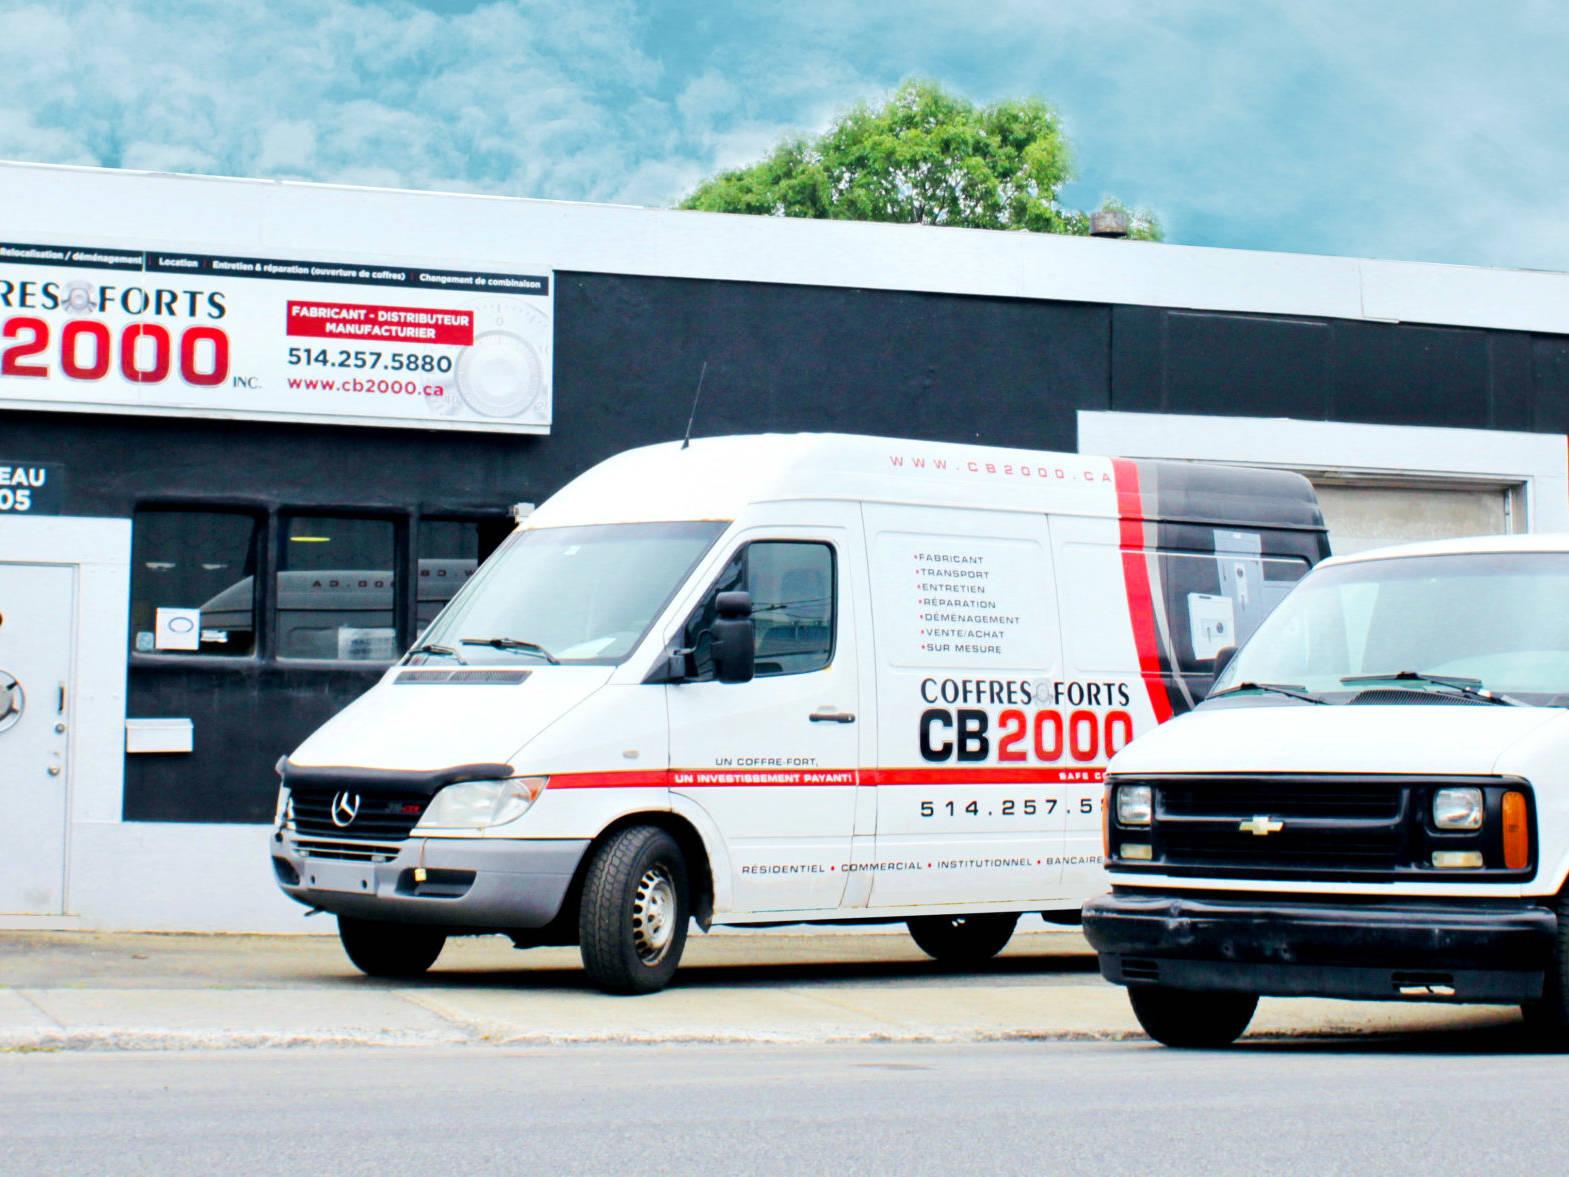 CB2000-coffres-forts-bureaux3